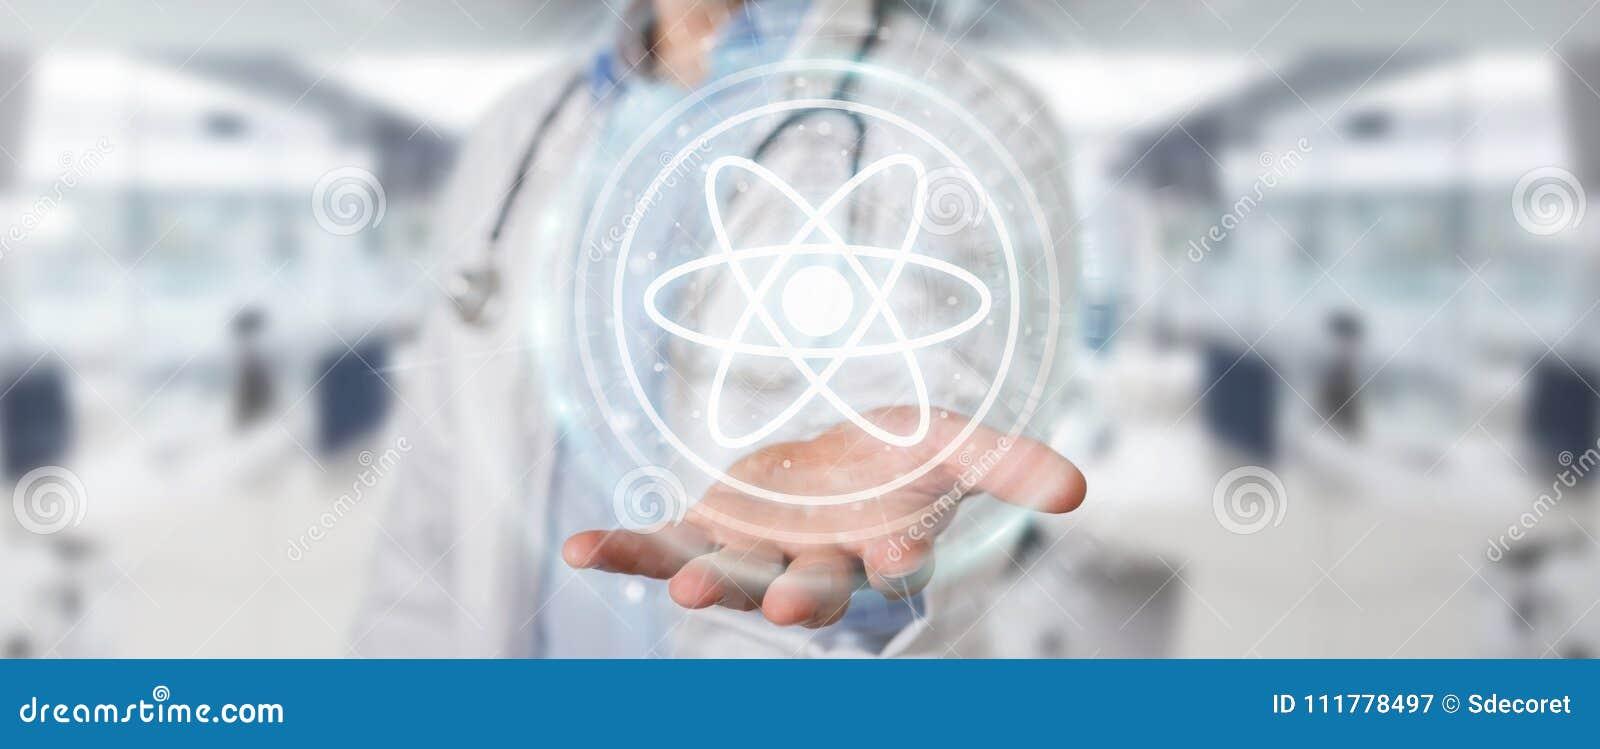 Doctor using digital molecule interface 3D rendering